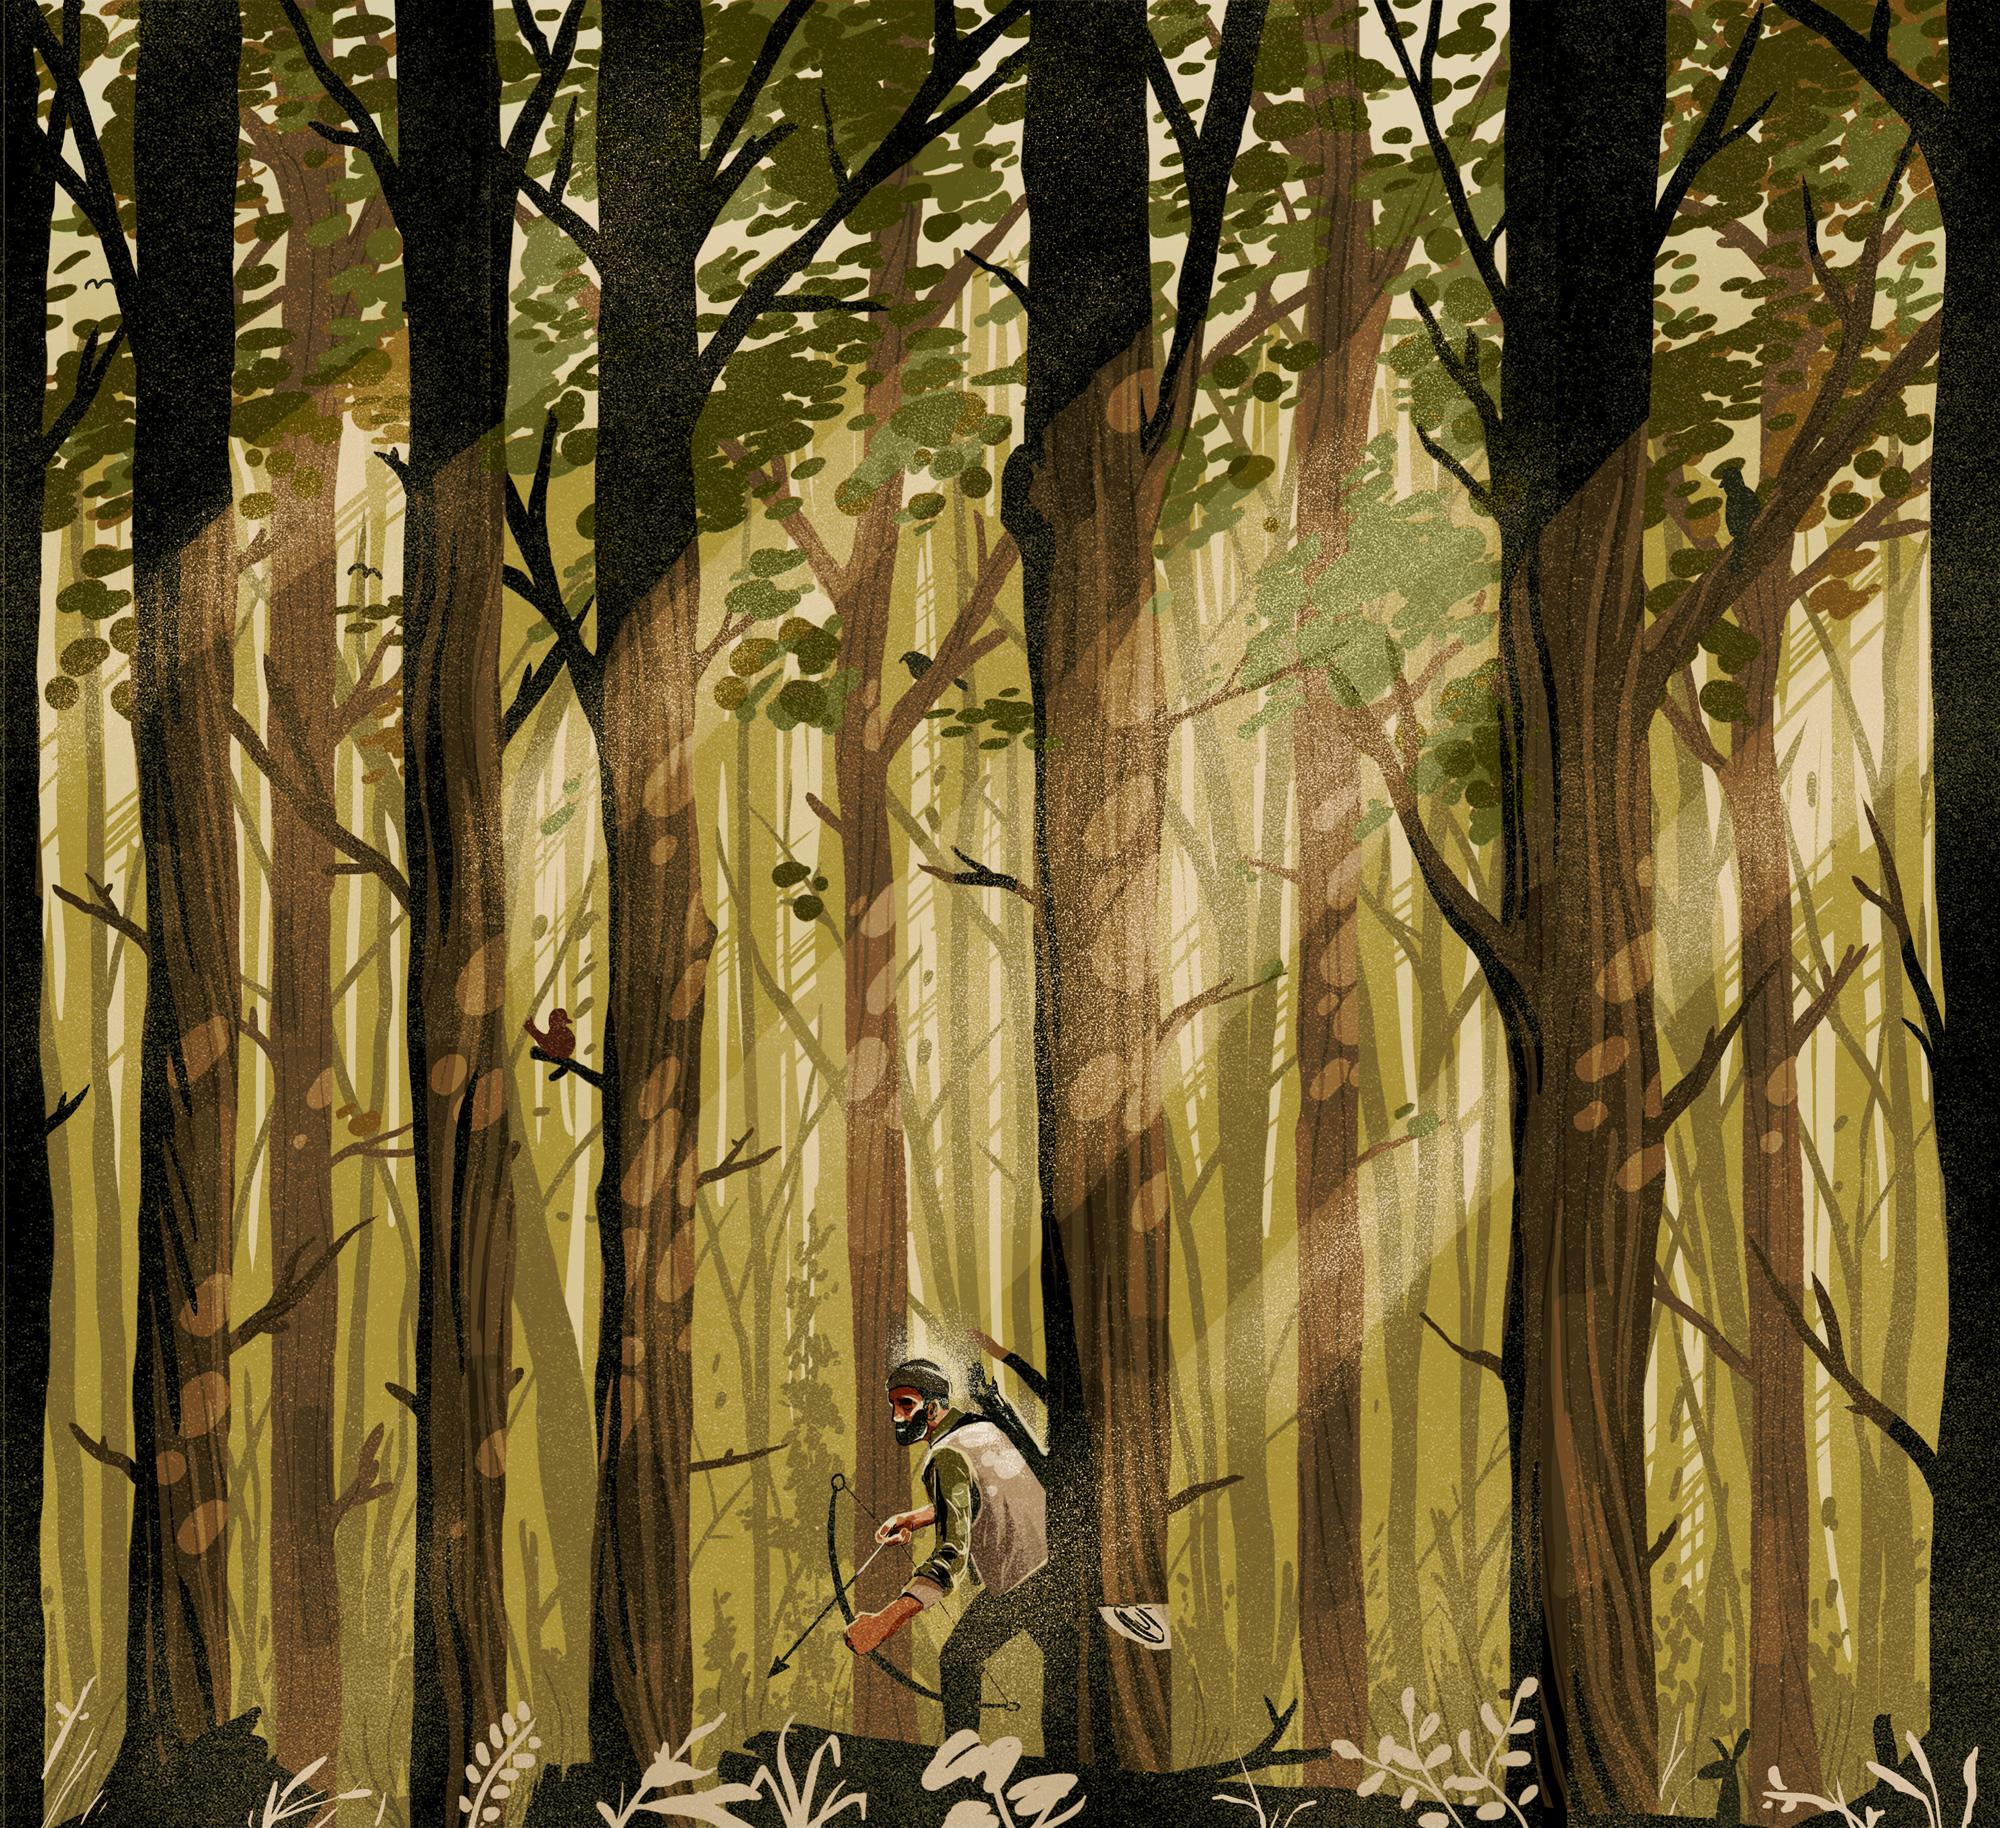 trees_4_color_full2.jpg